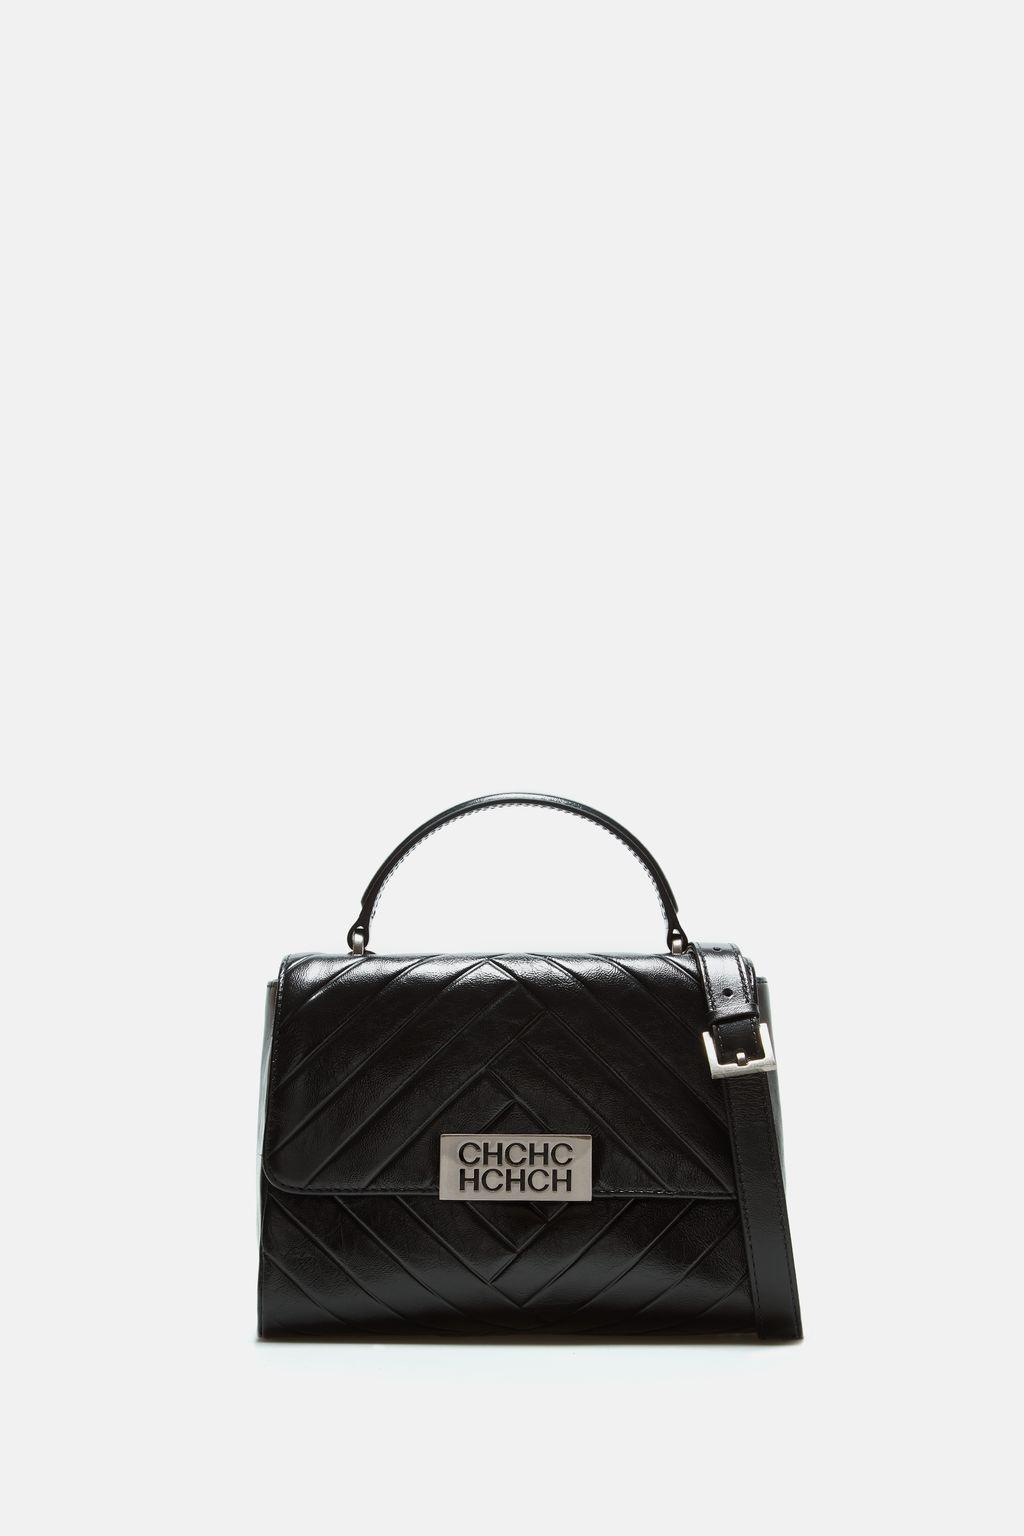 Bimba Satchel 9.0 | Small shoulder bag